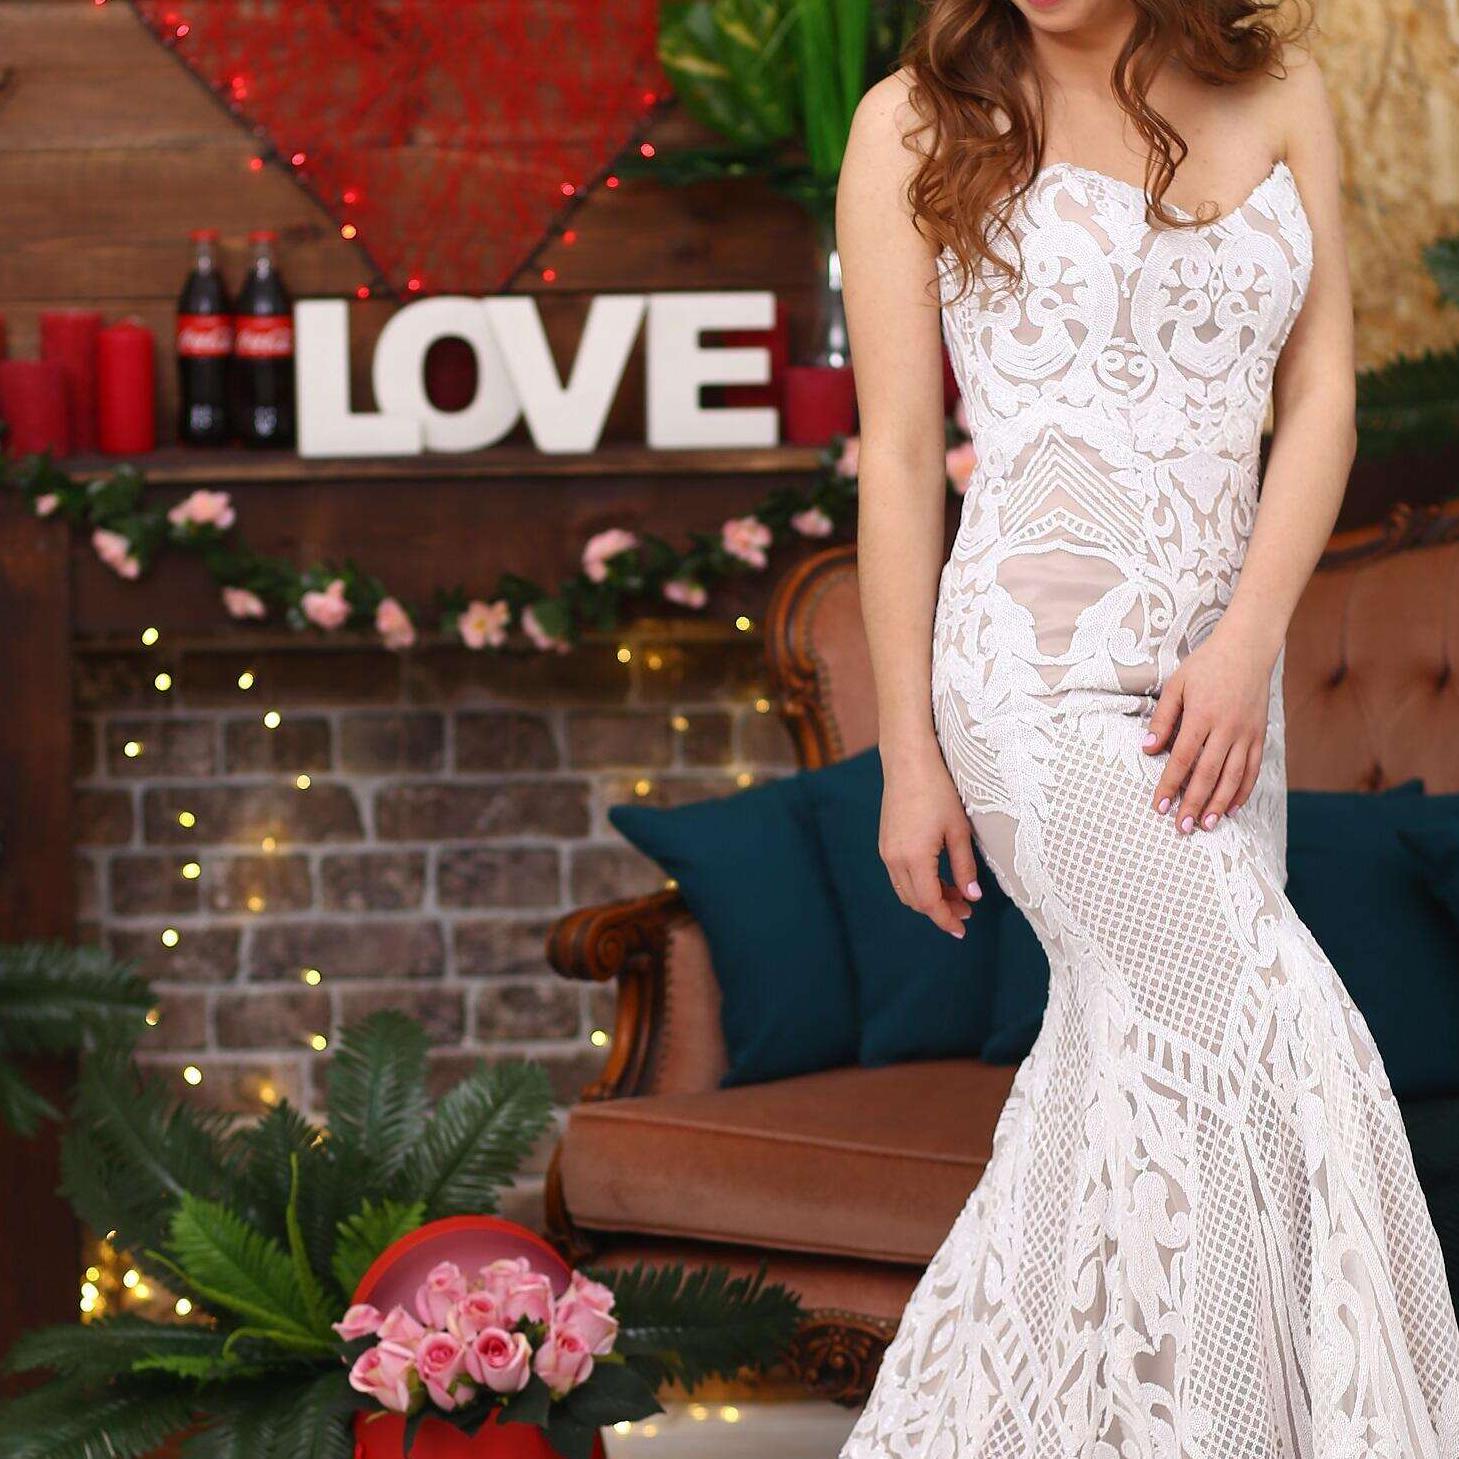 PEV-L3036カスタマイズされた本物の恋人ストラップレススパンコールブライダルガウンマーメイドウェディングドレス2021